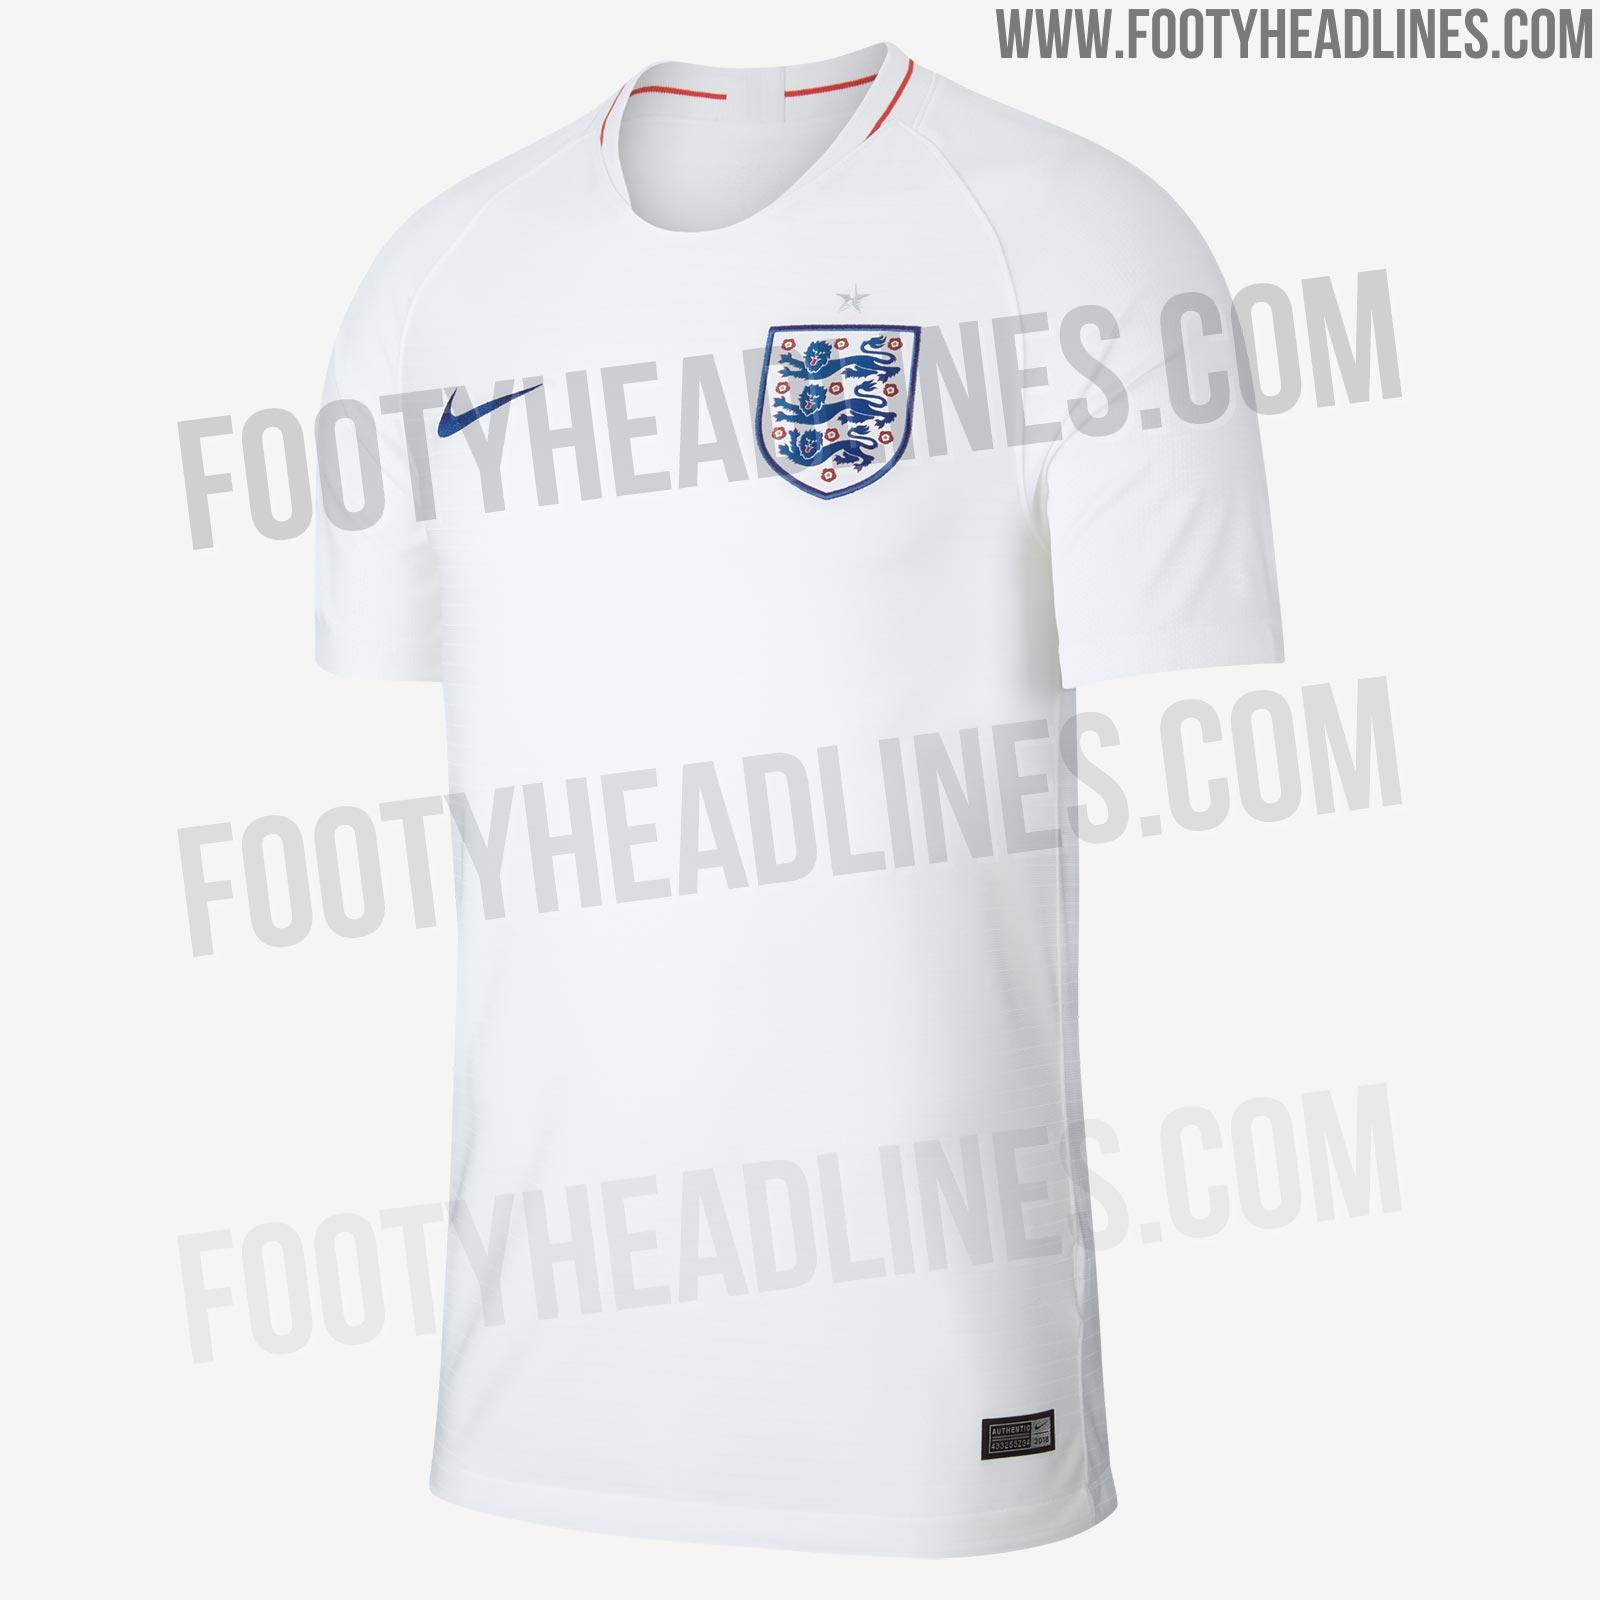 Nike England 2018 World Cup Kits 81e6975ba